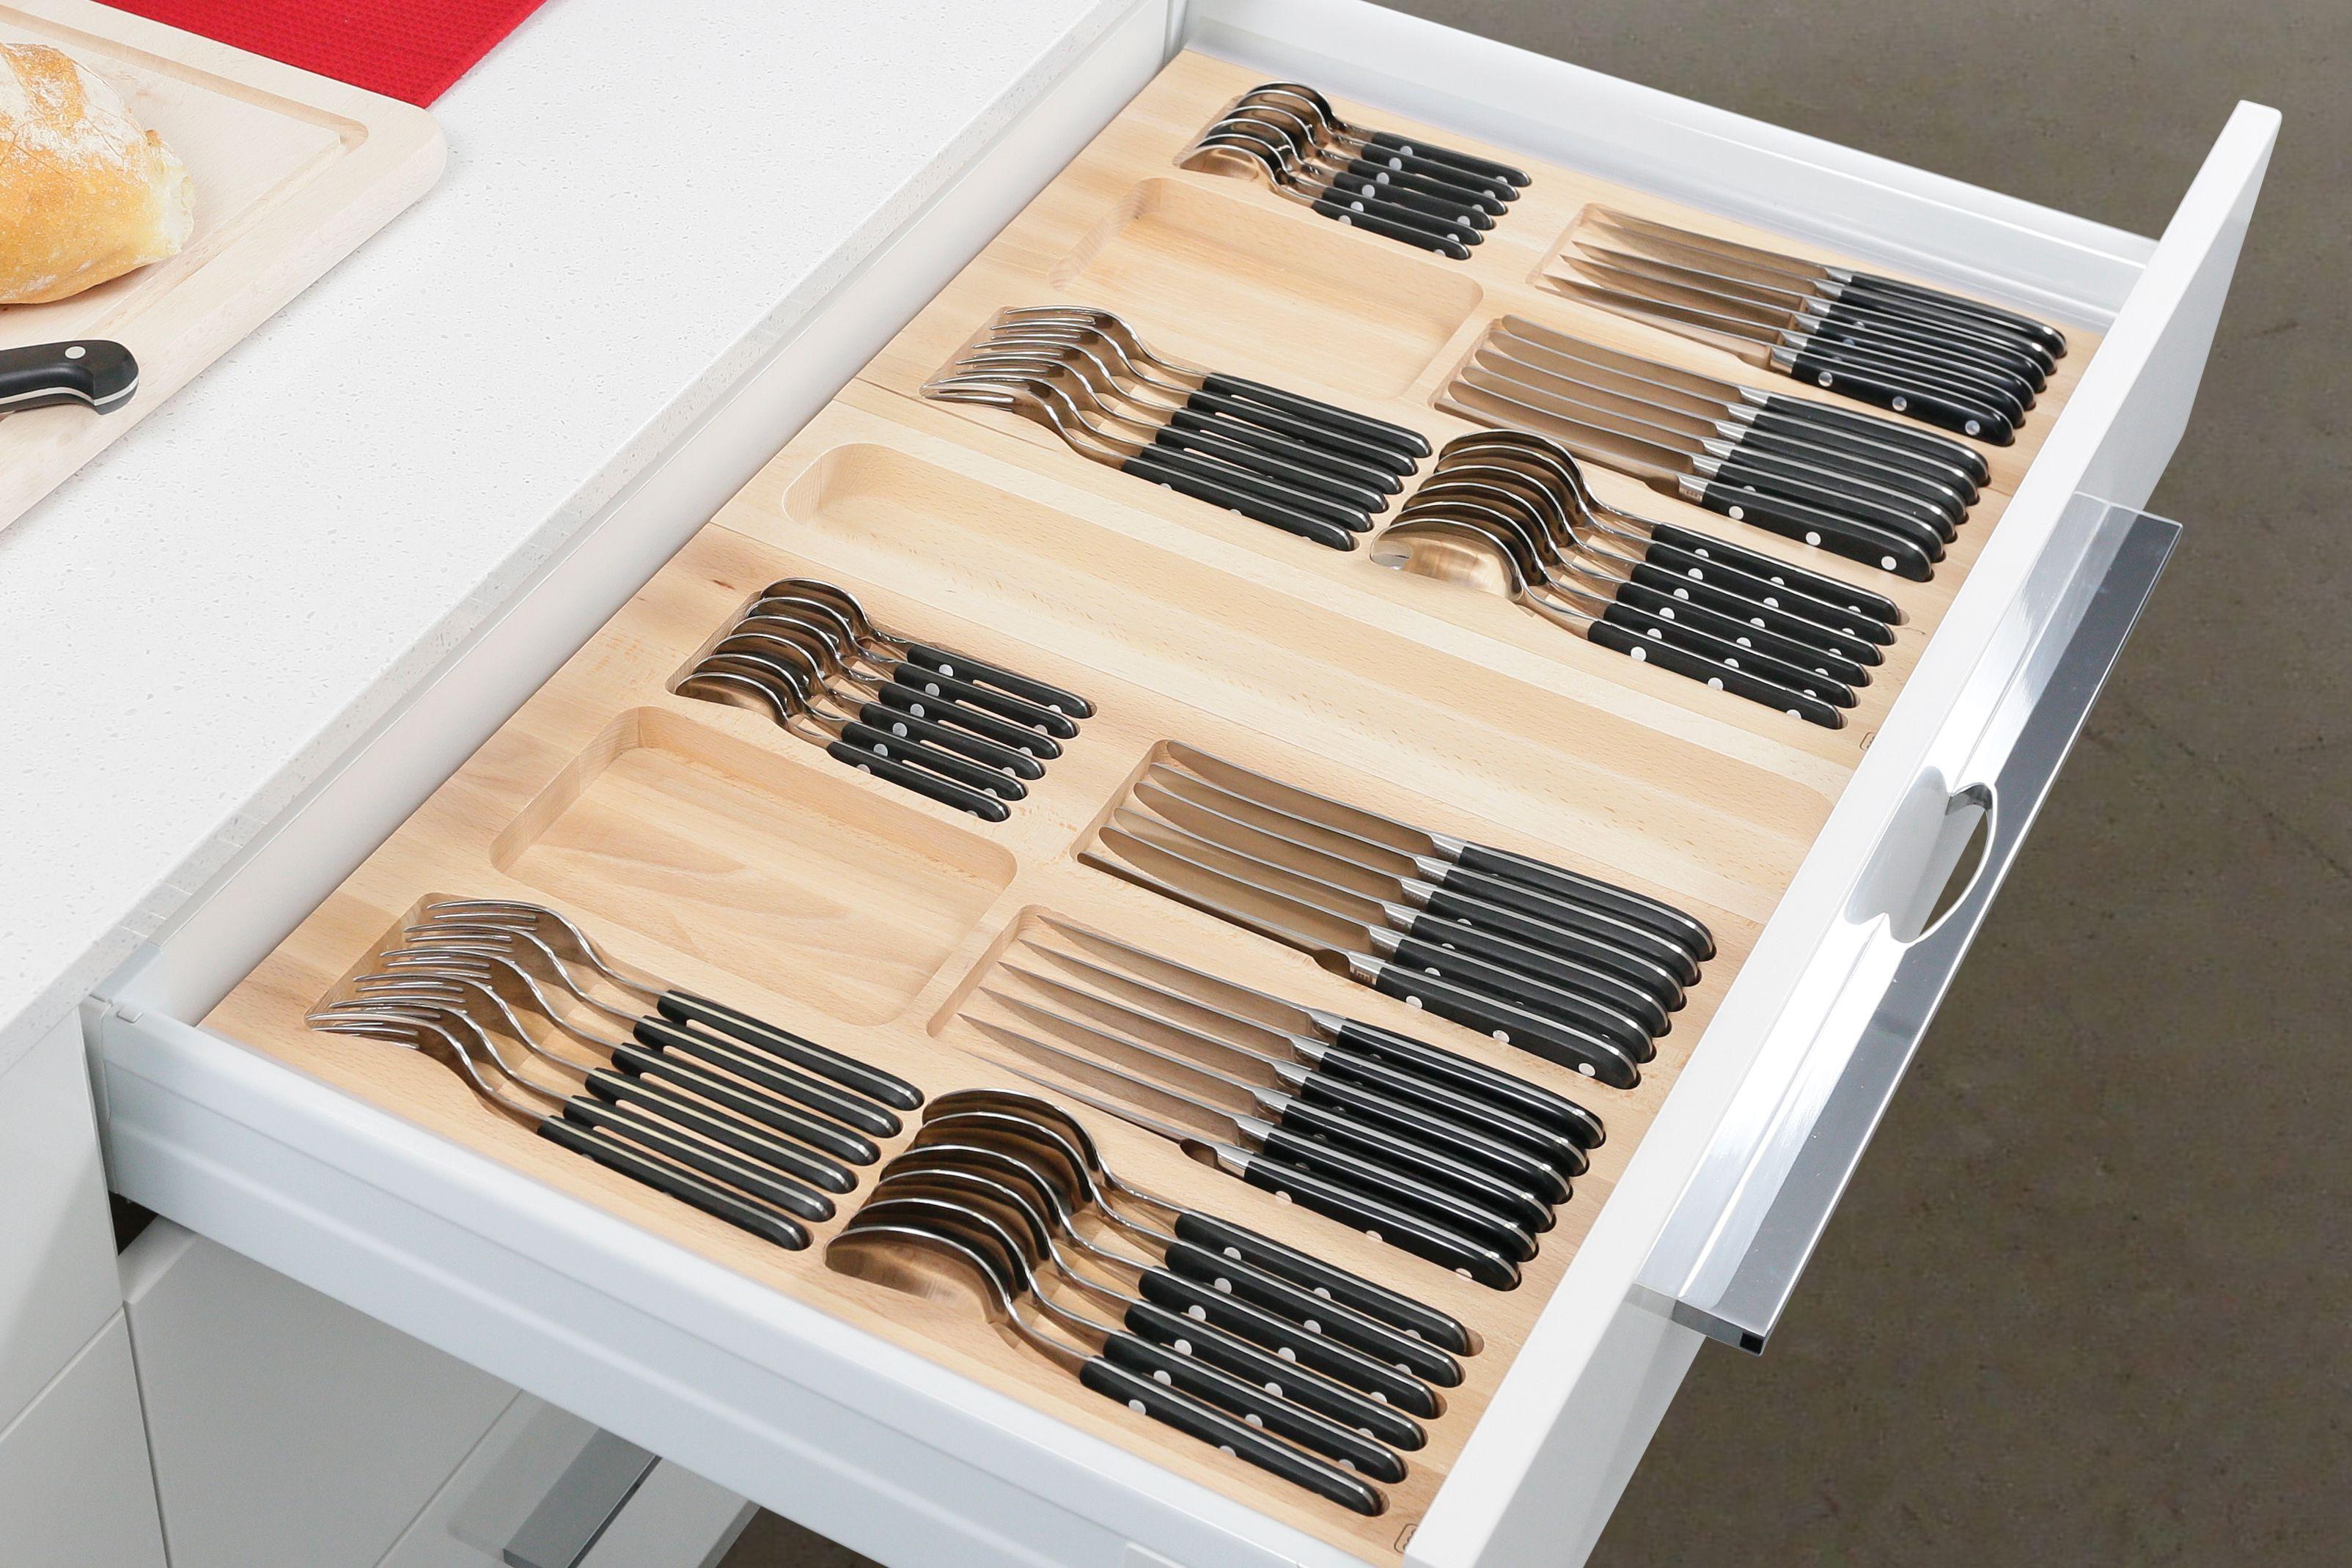 Essetre Gourmet-Line 600mm Cutlery Set. http://www.essetre.com.au ...